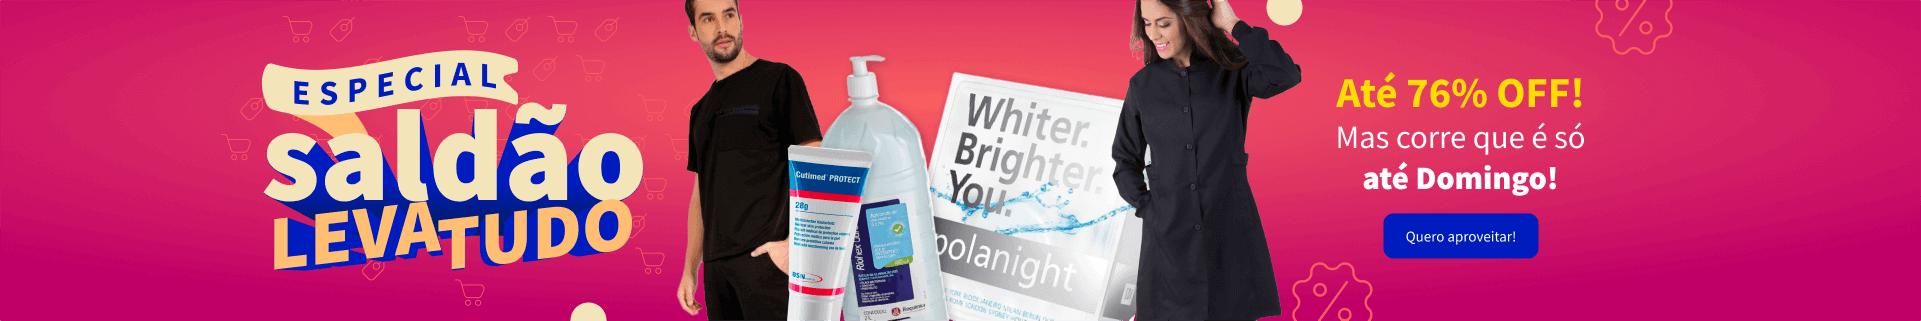 Saldão Leva Tudo com até 76% OFF na Dental Cremer Produtos Odontológicos